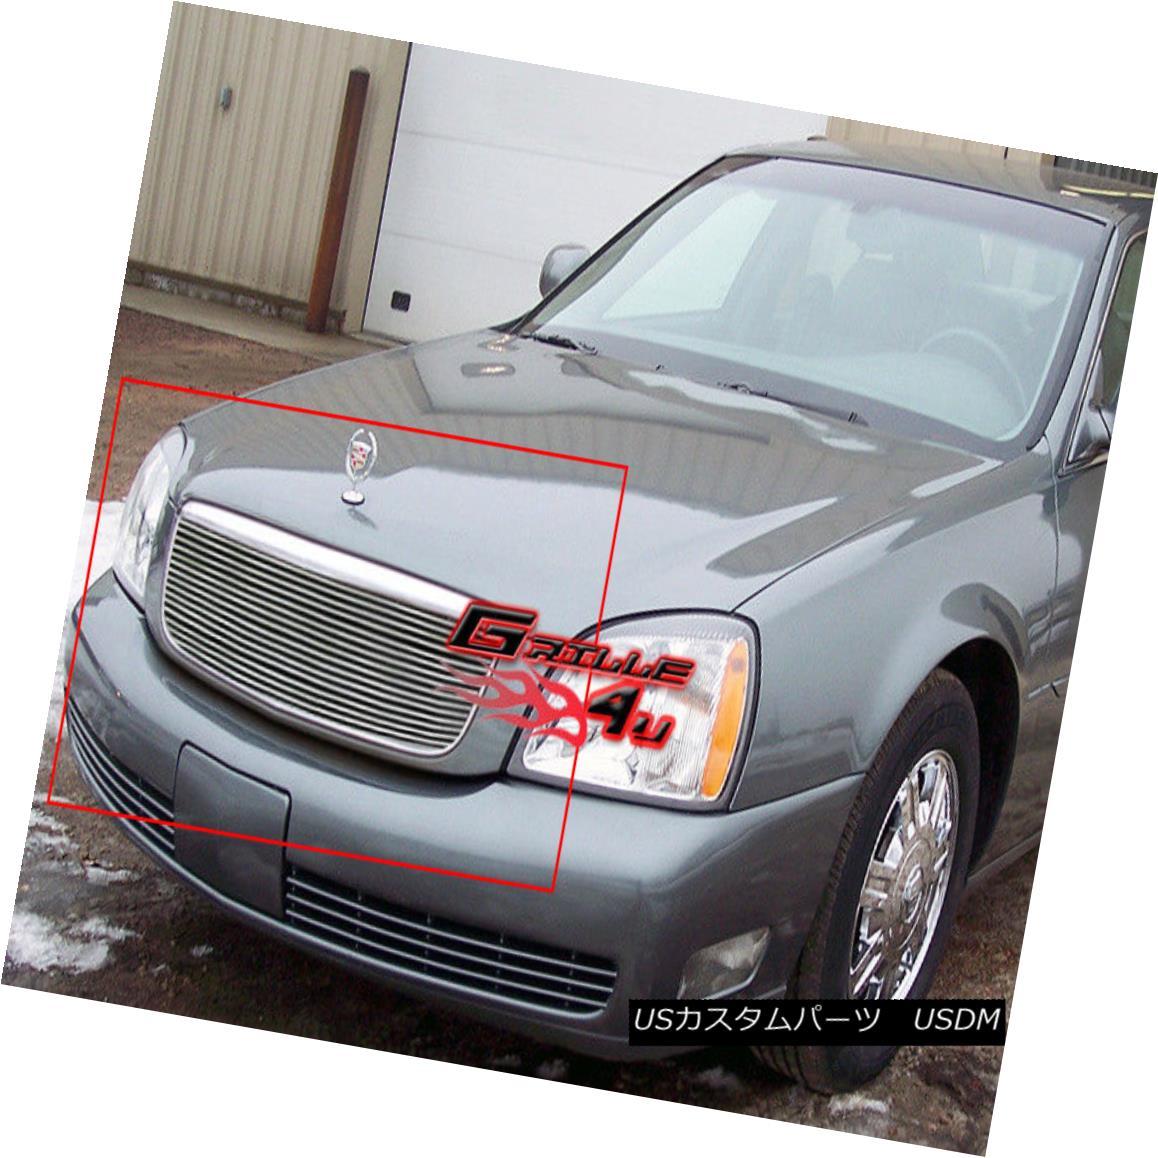 グリル Fits 2000-2005 Cadillac DeVille Main Upper Billet Grille Insert フィット2000-2005キャデラックDeVilleメインアッパービレットグリルインサート